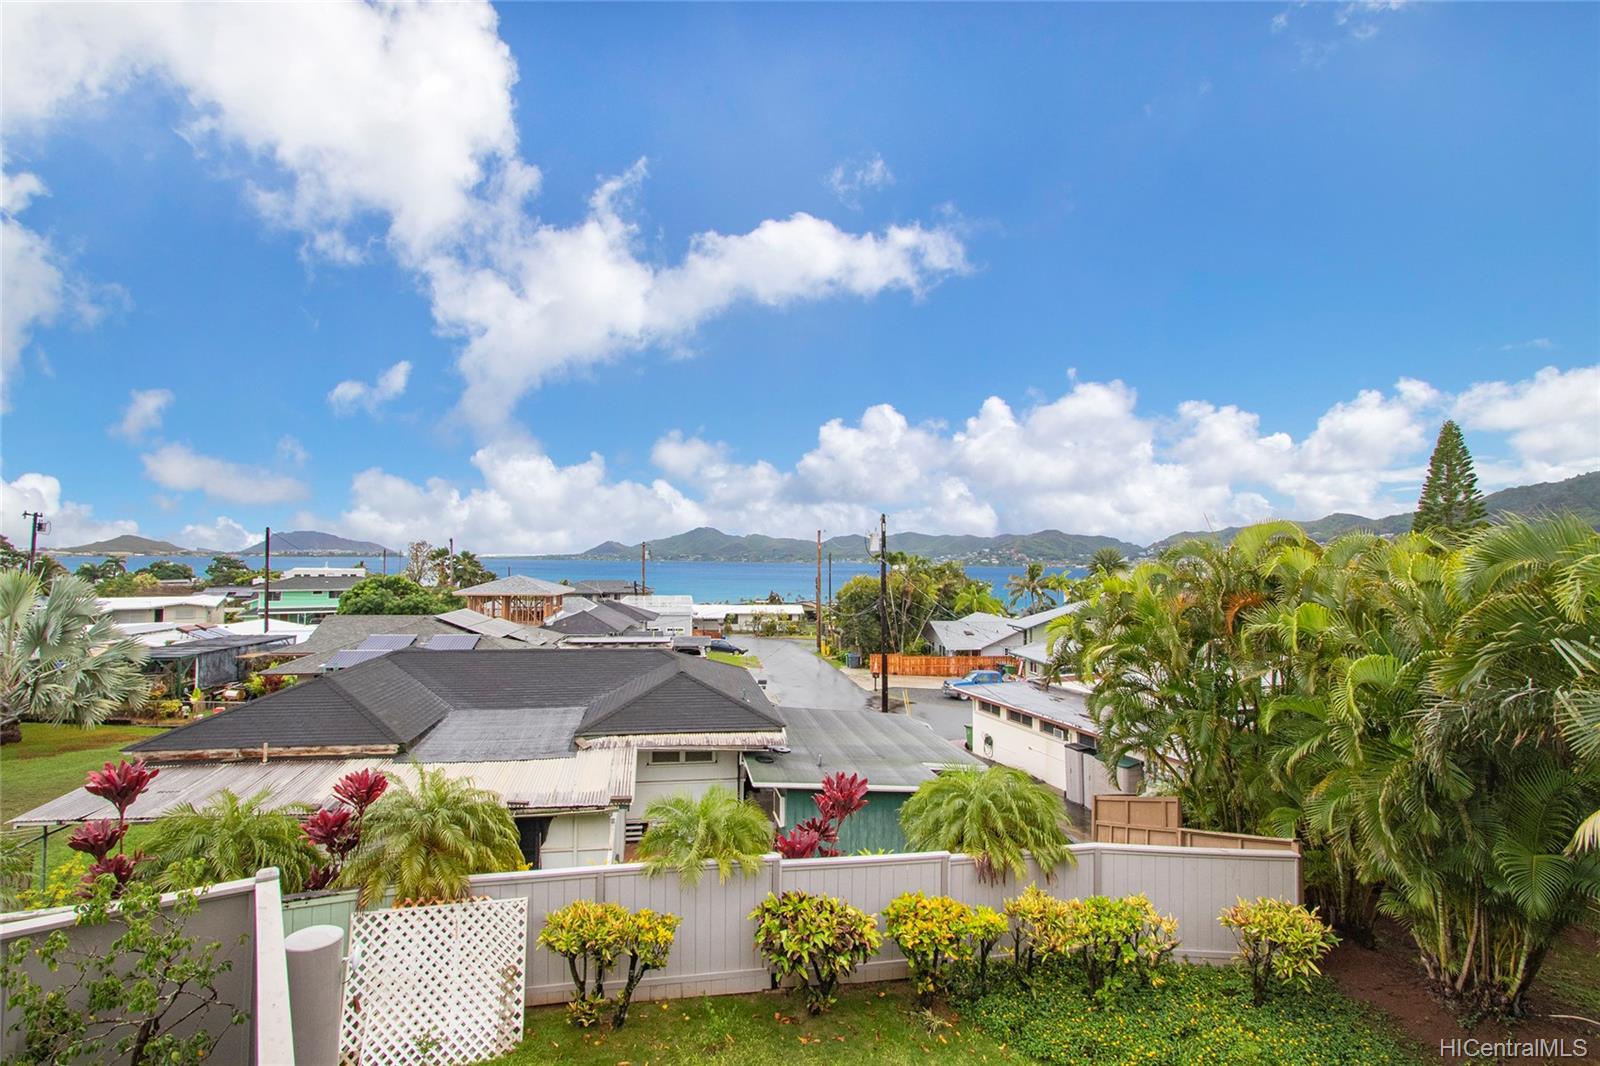 45-995 Wailele Road townhouse # 61, Kaneohe, Hawaii - photo 20 of 25